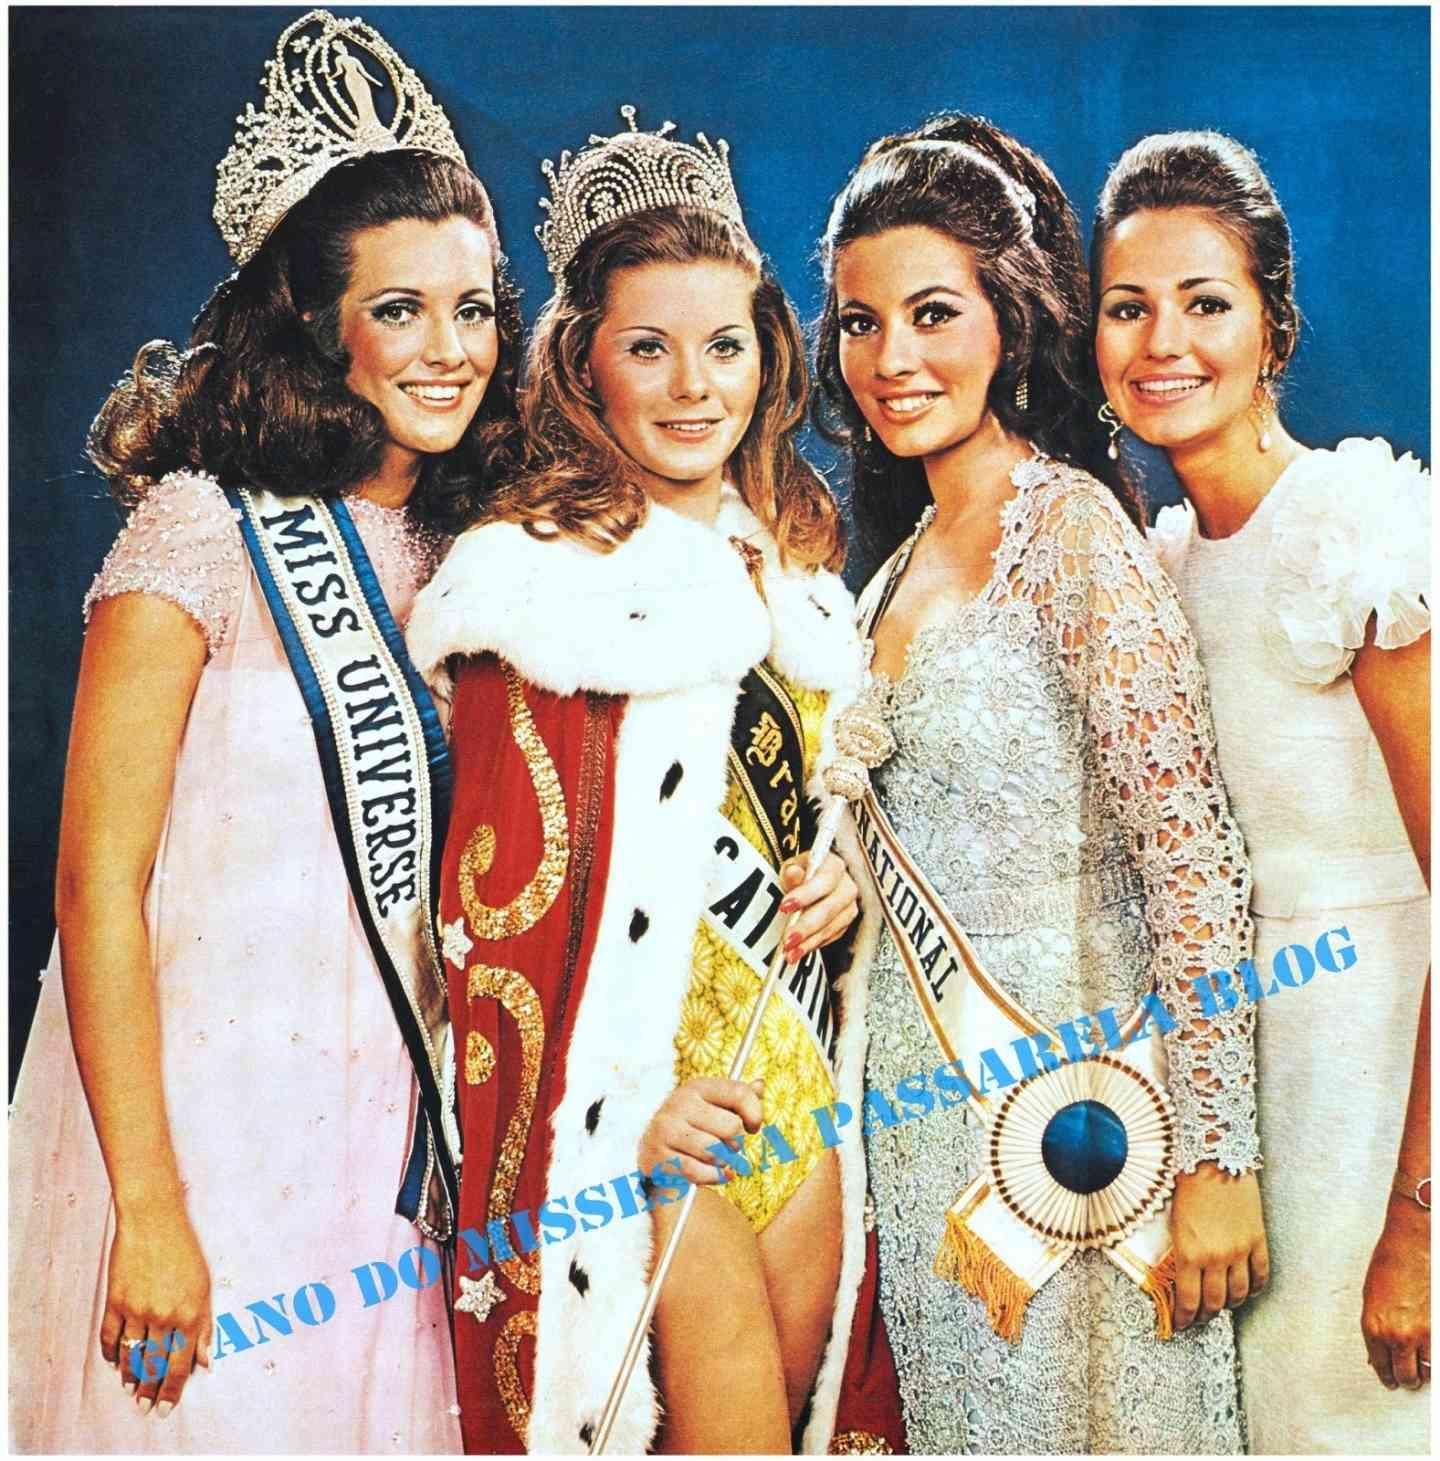 vera fischer, top 15 de miss universe 1969. - Página 4 Martha13